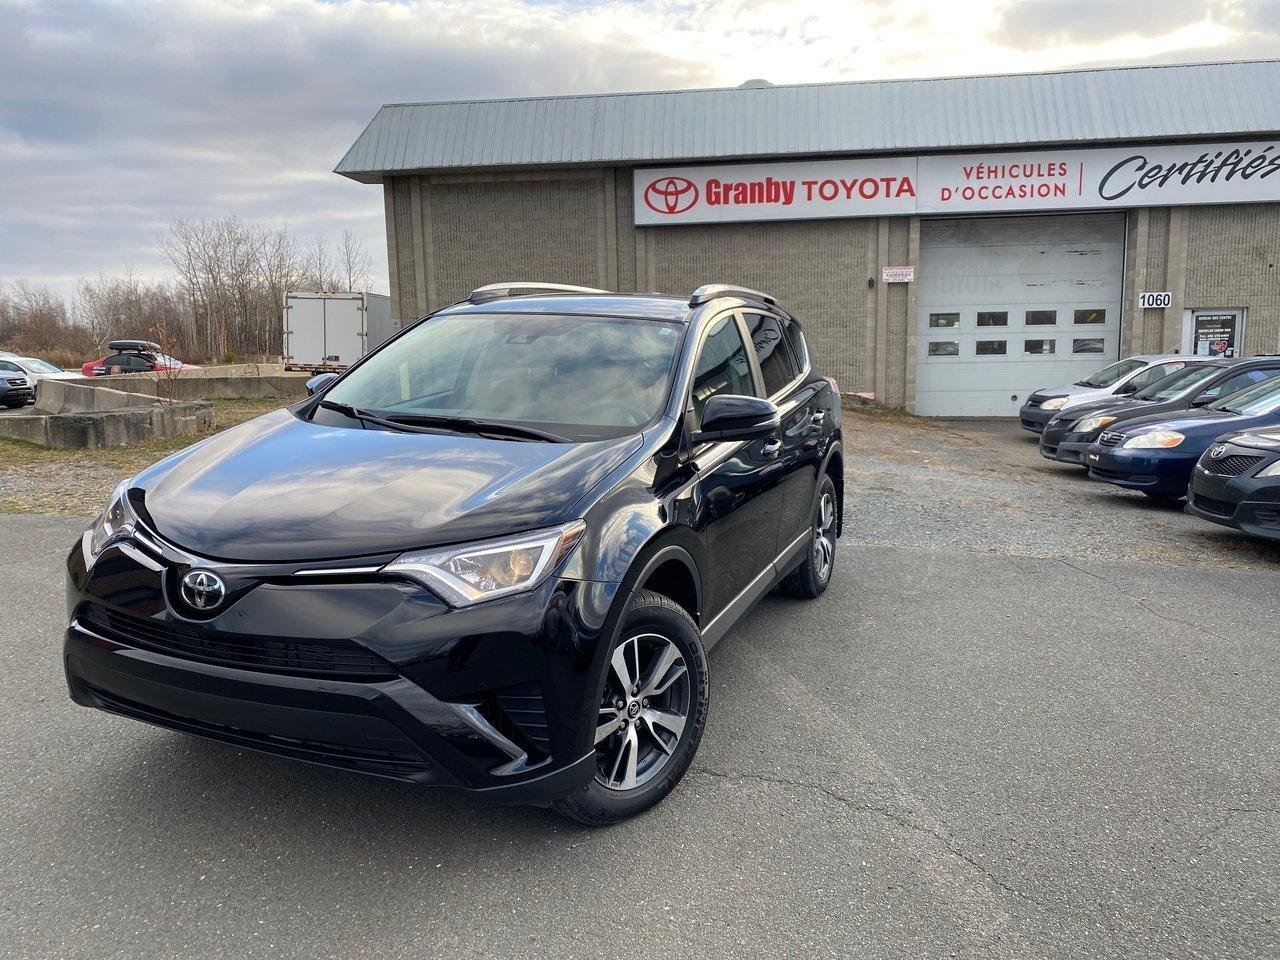 Toyota RAV4 2018 CERTIFIÉ FWD AC VITRES CAMÉRA RECUL MAGS PEA